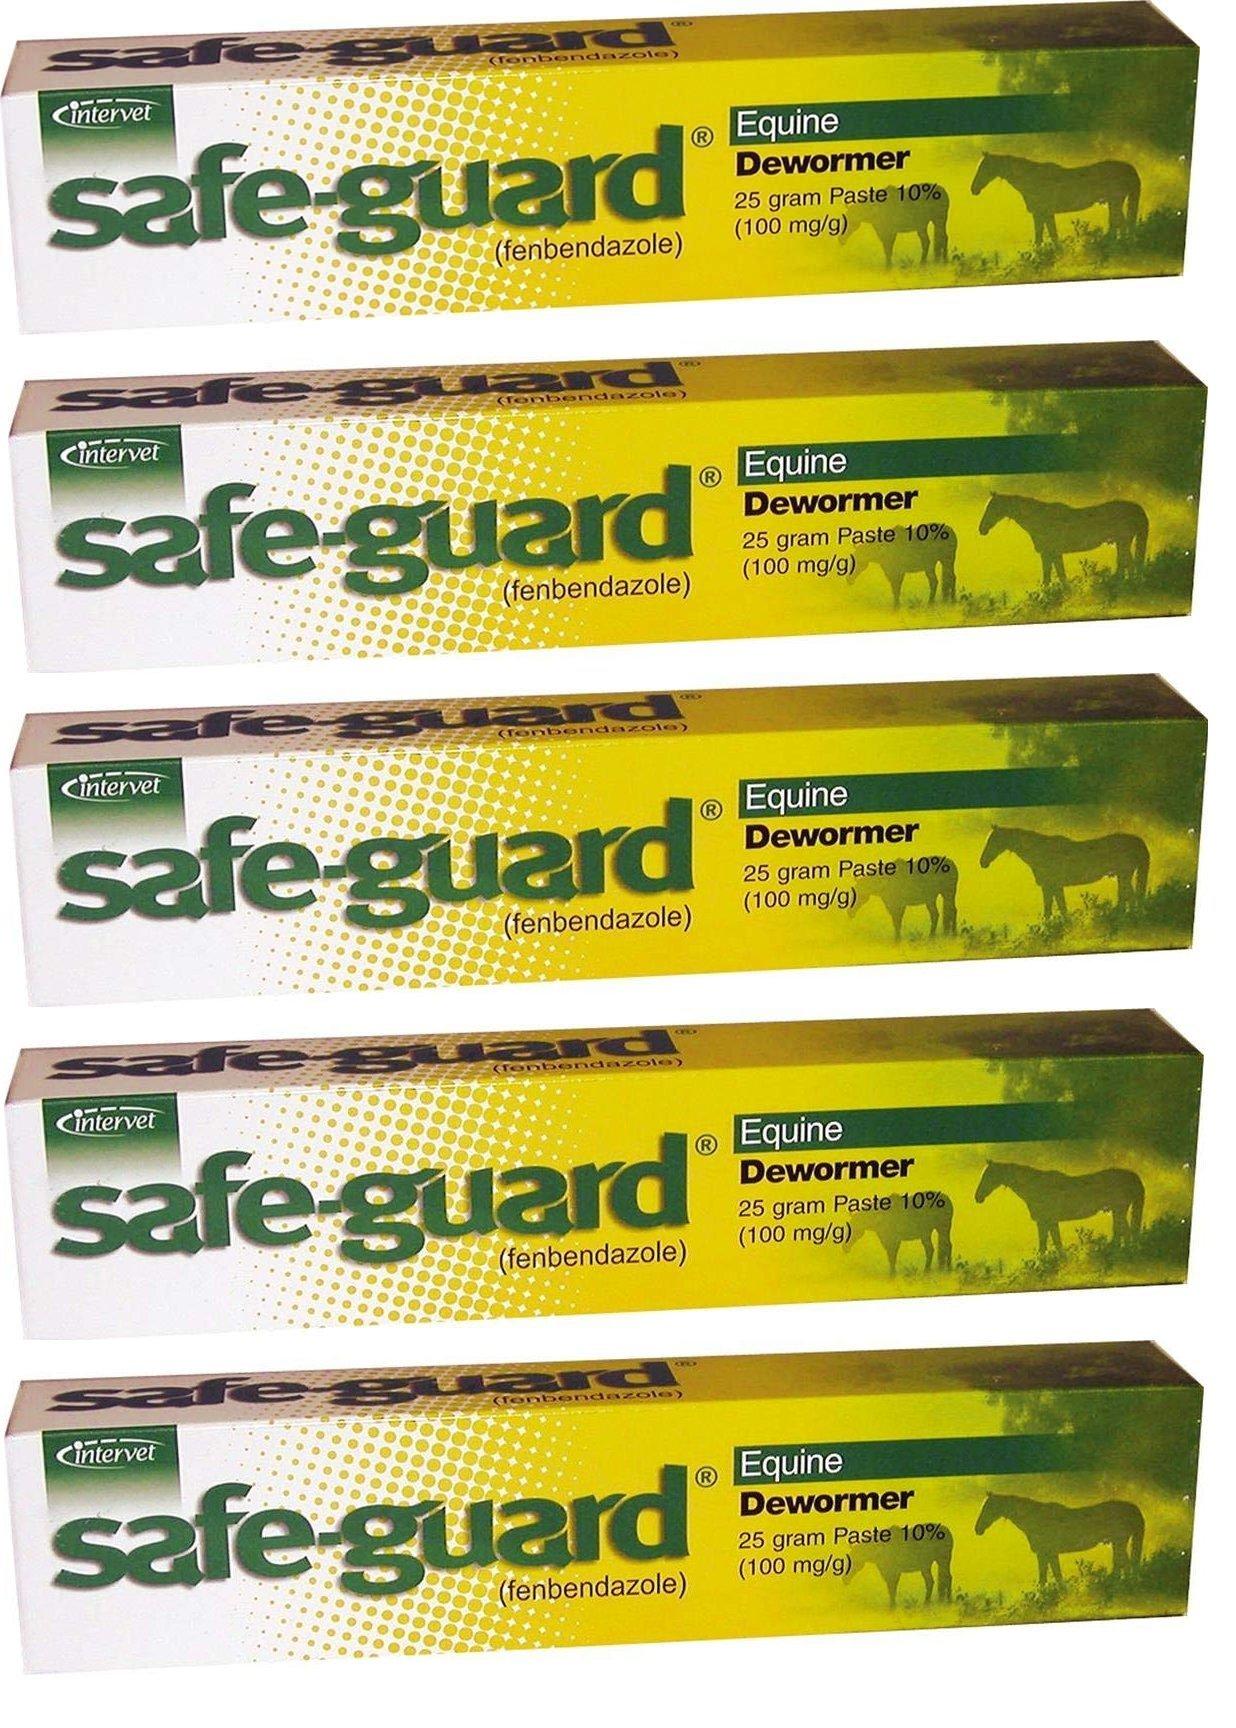 Merck Intervet Safeguard Dewormer Paste for Horses, 25gm (5-Pack), by Merck